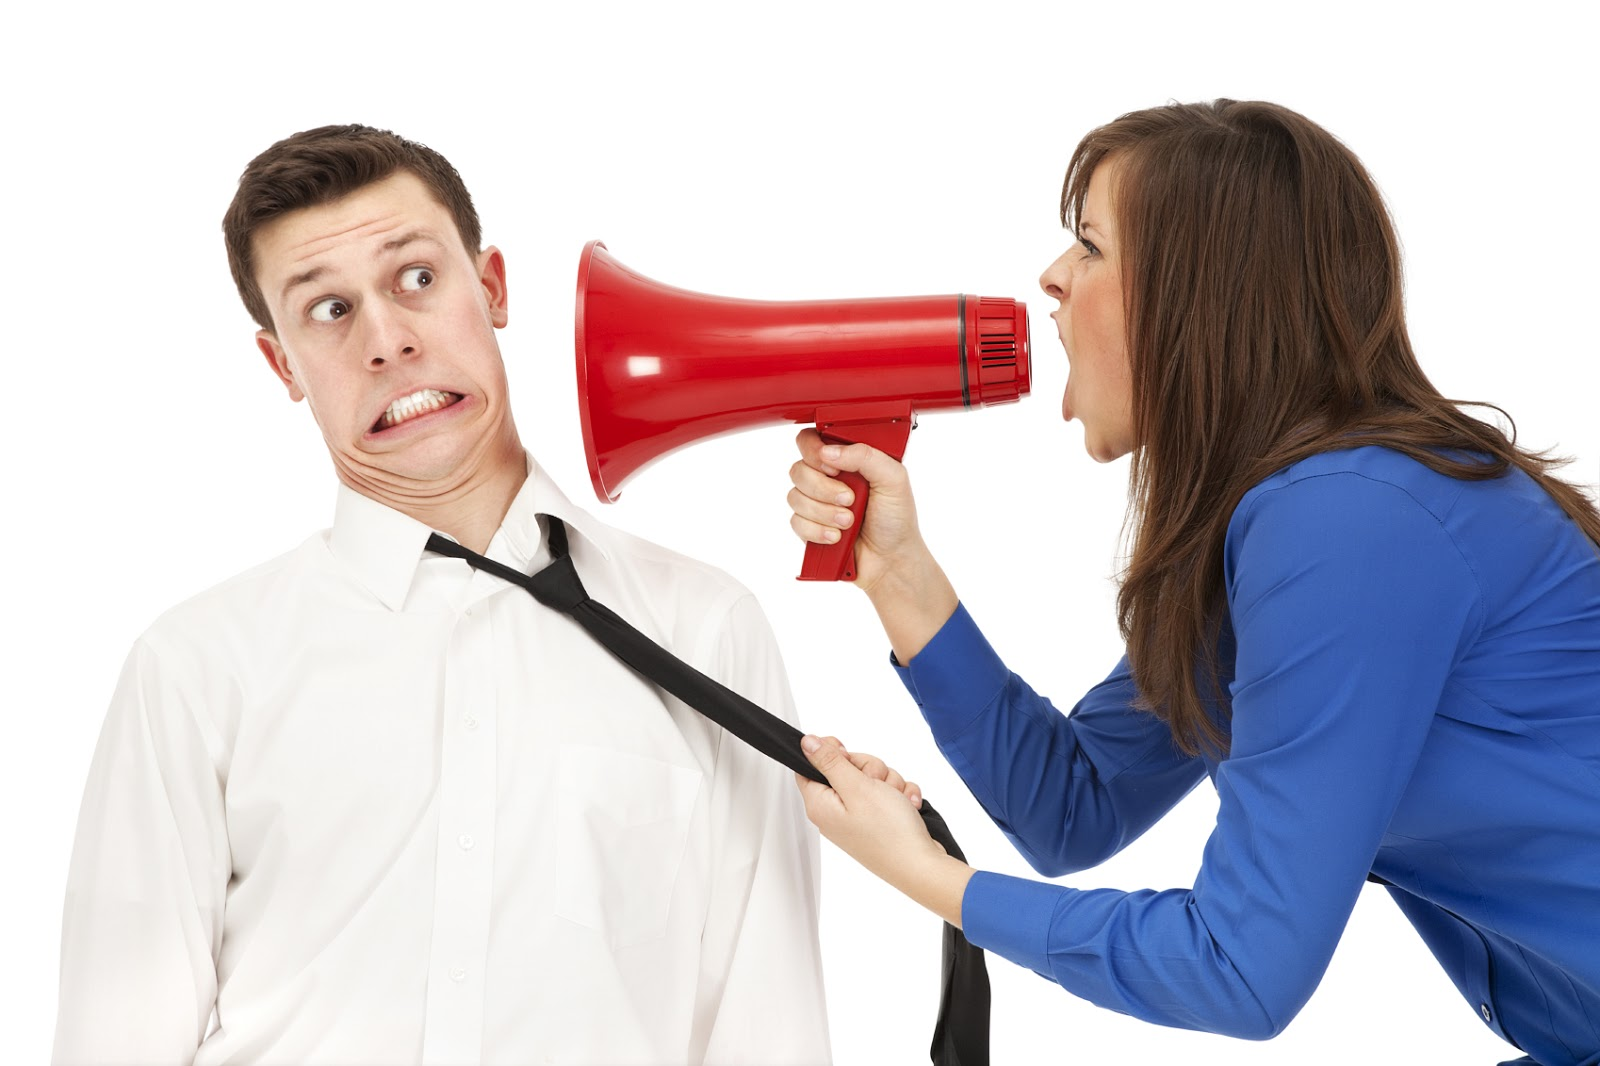 Bật mí 5 cách kiểm soát cảm xúc hiệu quả trong giao tiếp